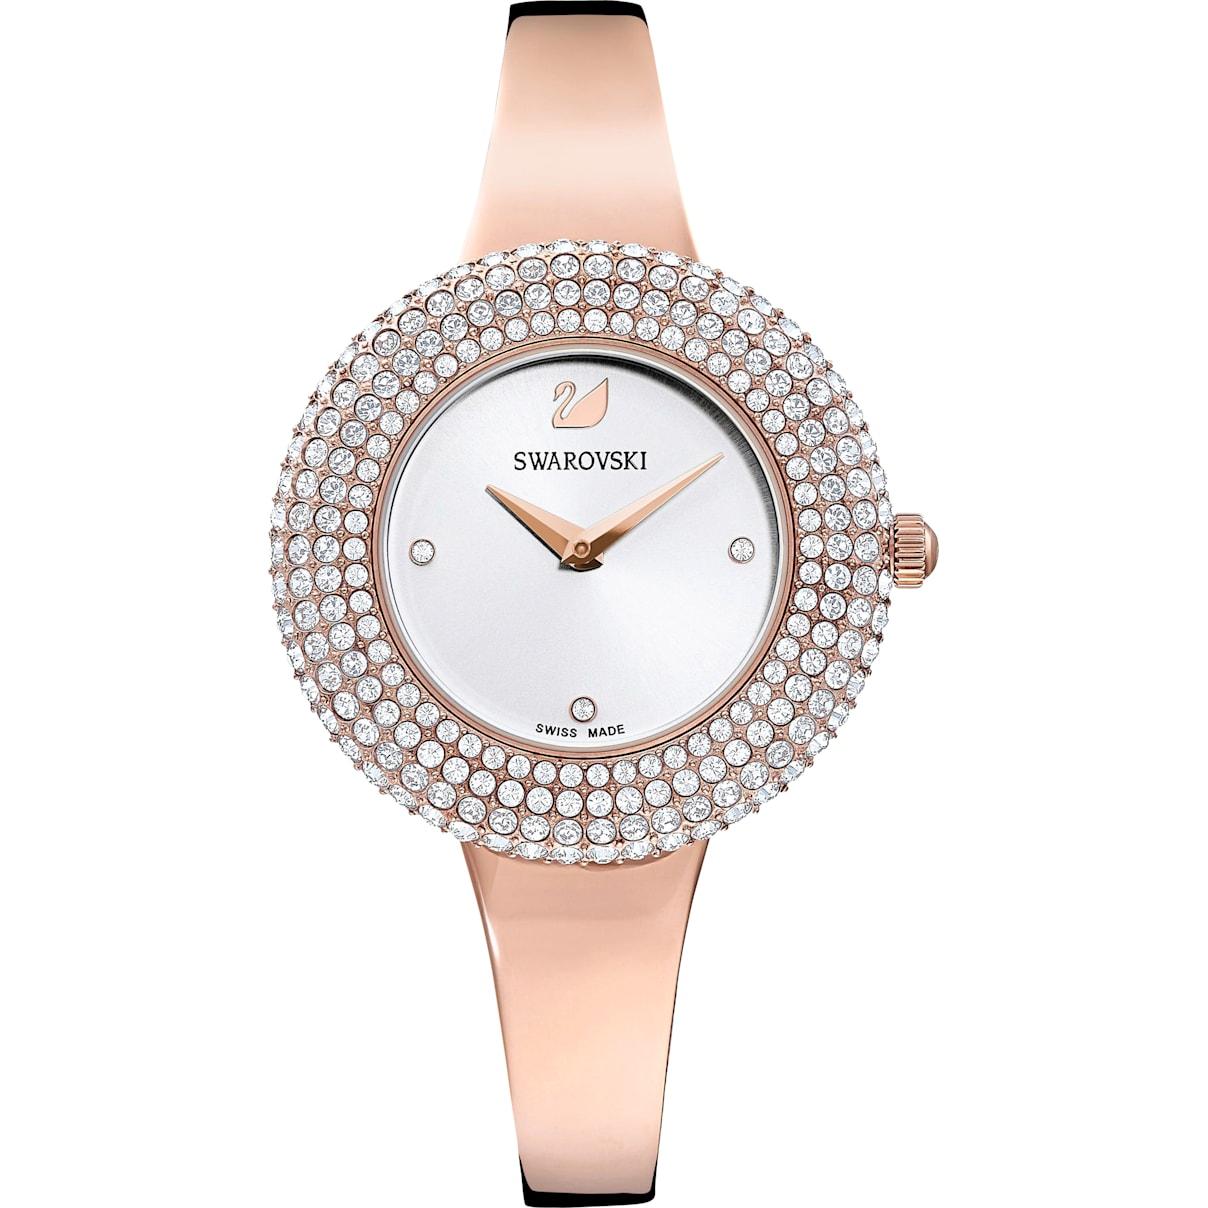 Swarovski Crystal Rose Watch, Metal Bracelet, White, Rose-gold tone PVD